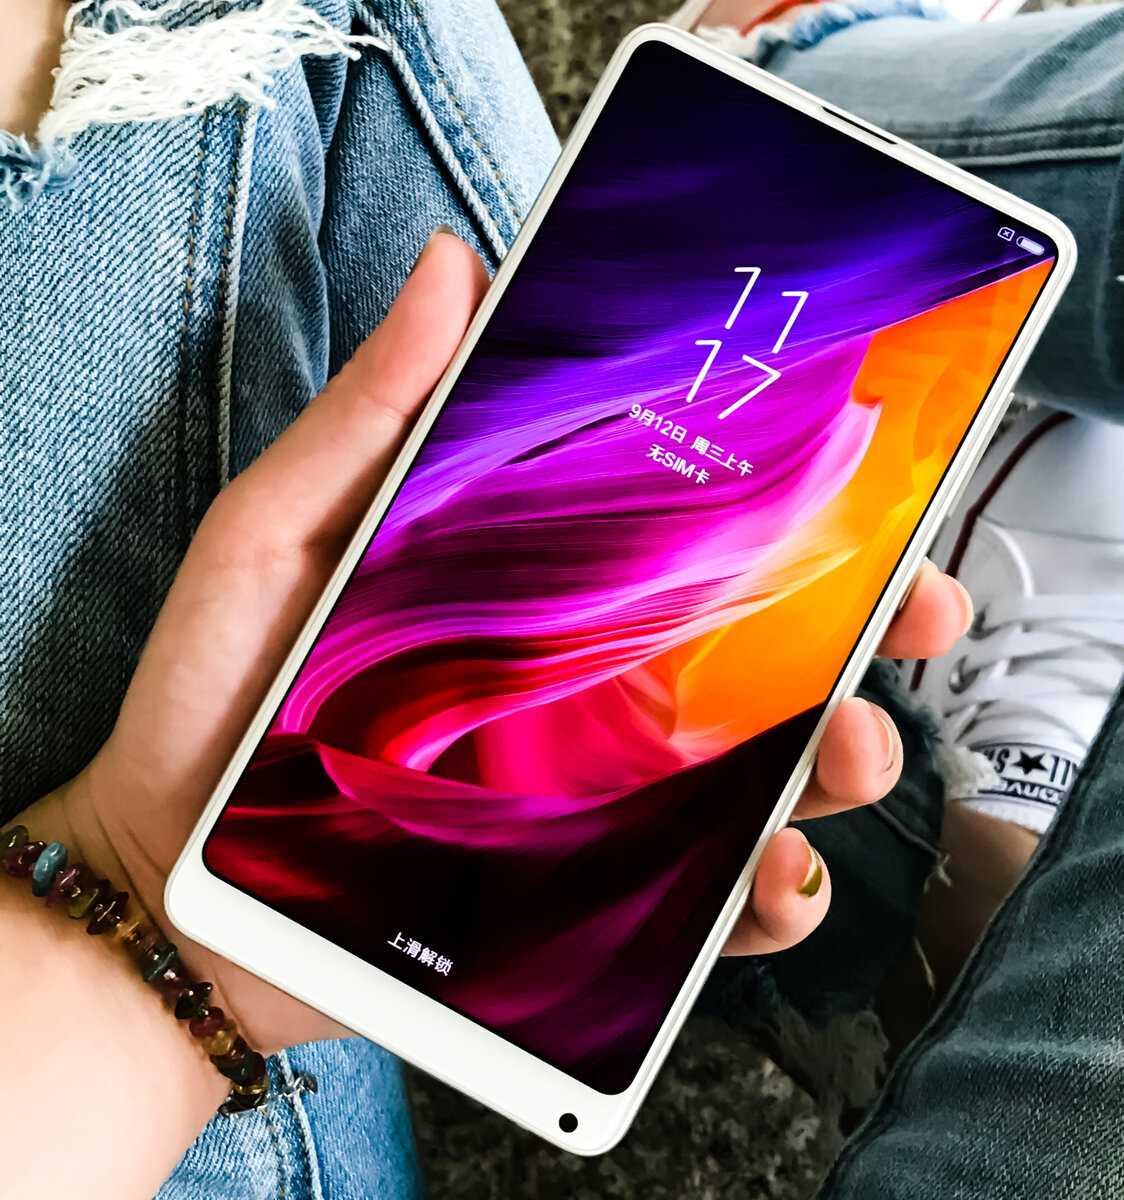 Xiaomi выпускает дешевый смартфон с производительностью как у флагмана samsung - cnews